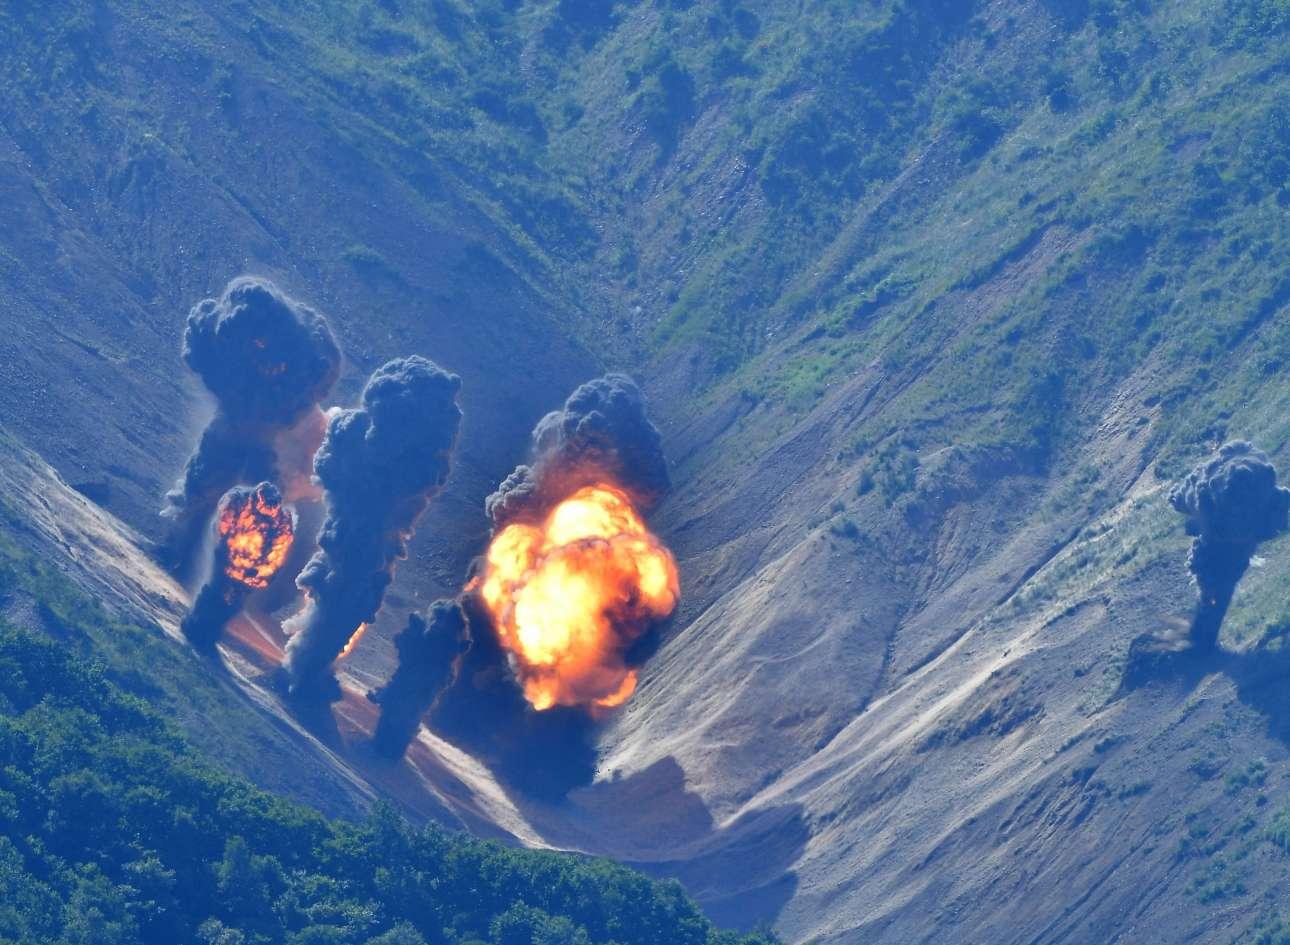 Πέμπτη, 31 Αυγούστου. Τα πολεμικά αεροσκάφη των ΗΠΑ και της Νότιας Κορέας έκαναν εικονικό βομβαρδισμό, ο οποίος προσομοίασε χειρουργικής ακρίβειας χτυπήματα σε εγκαταστάσεις κλειδιά της Βόρειας Κορέας πάνω από το πεδίο Pilseung, στην επαρχία Γκάνγκγουον, στο νότιο τμήμα της Νότιας Κορέας